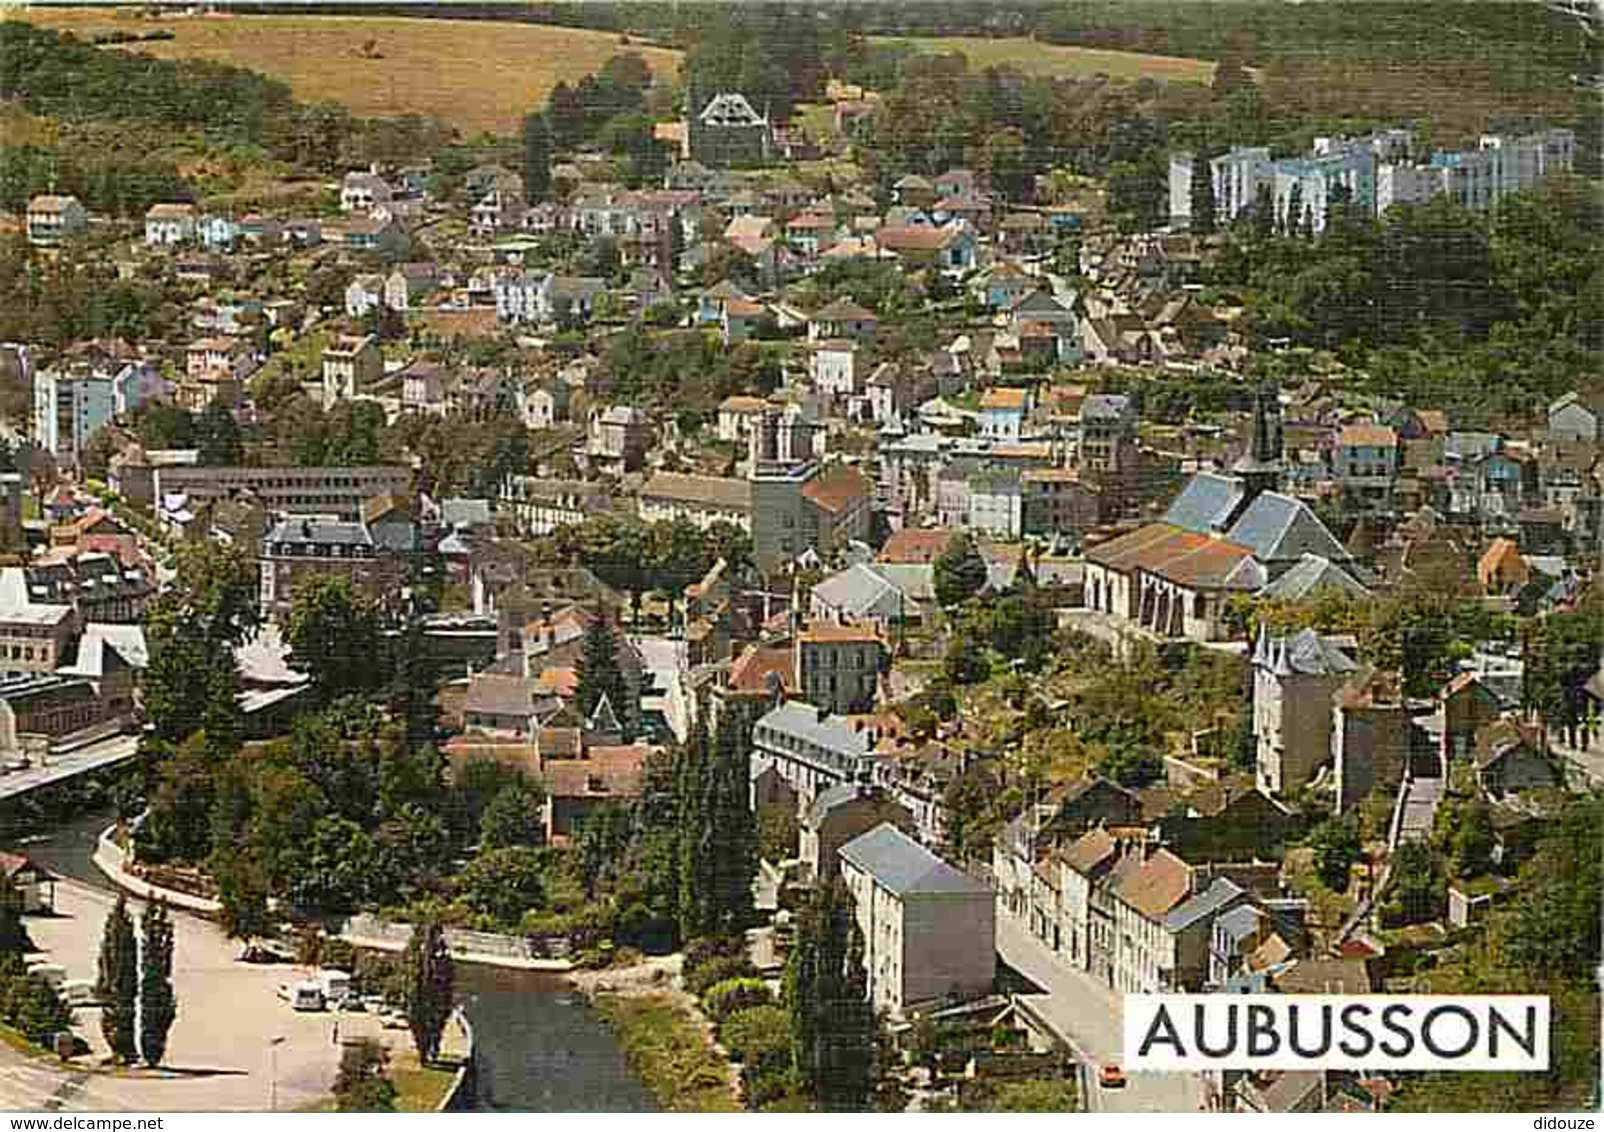 23 - Aubusson - Vue Générale Aérienne - Le Village Traversé Par La Creuse - Flamme Postale De Yenne - Voir Scans Recto-V - Aubusson